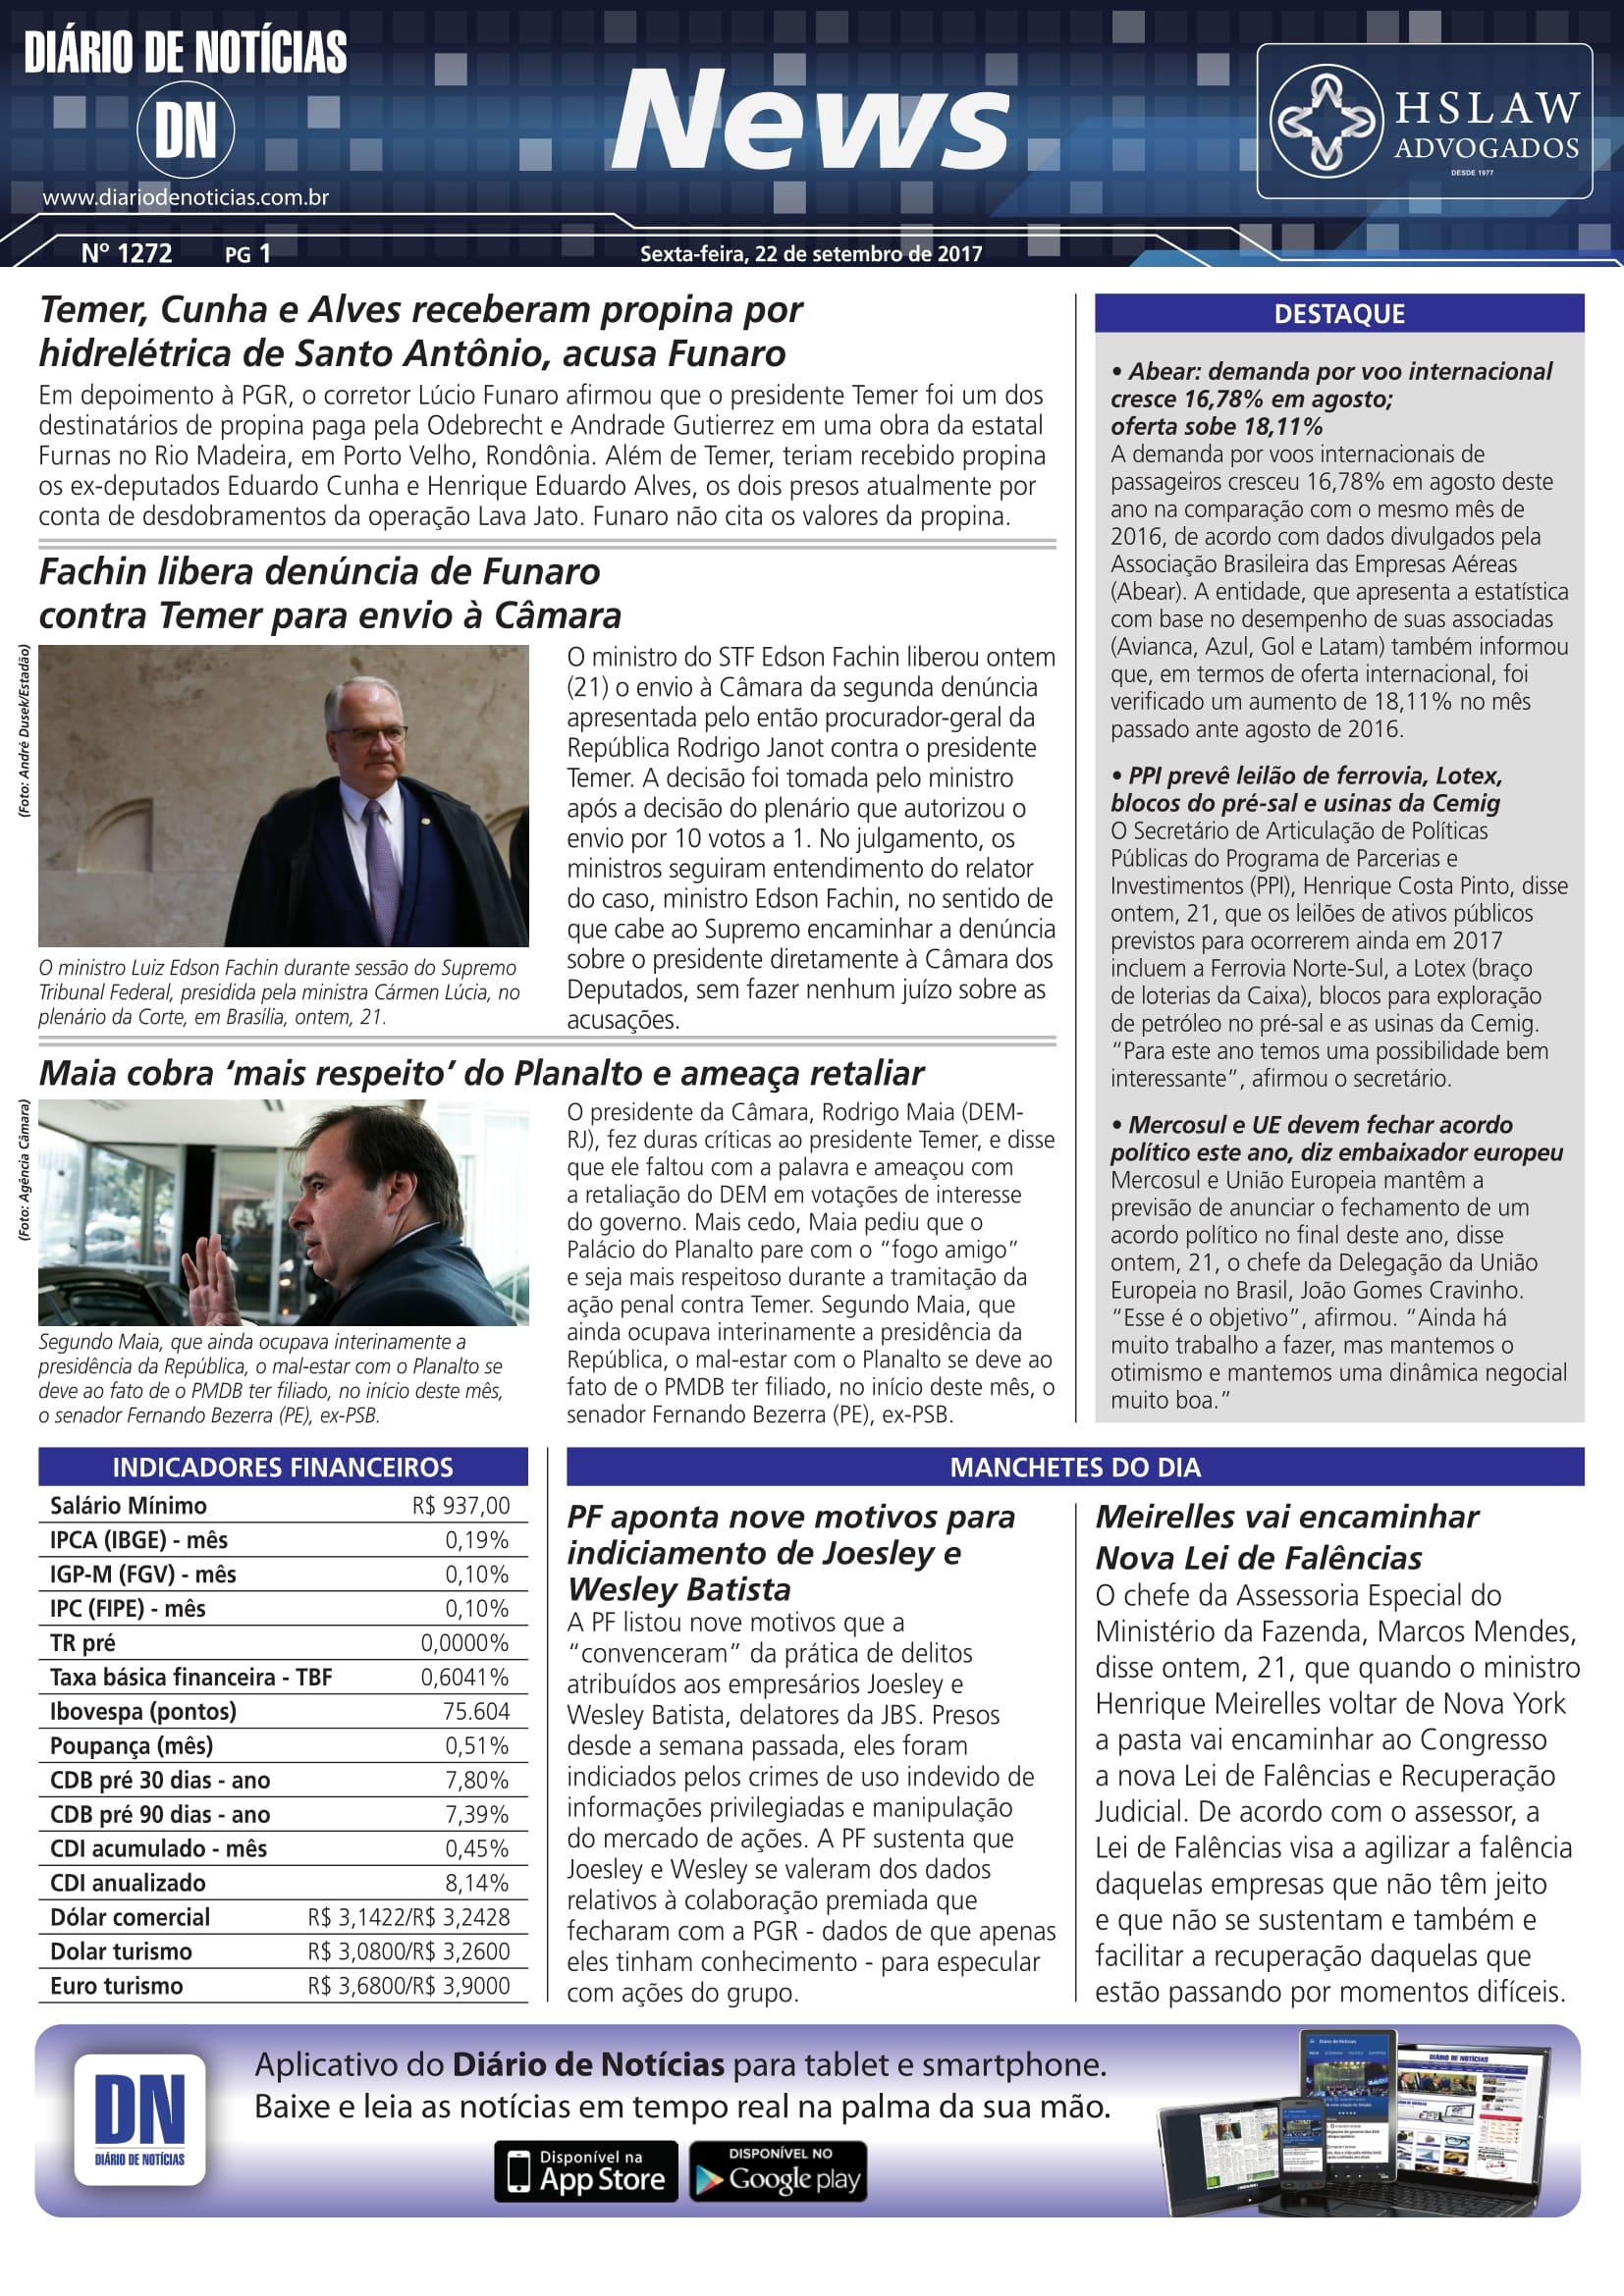 NewsPaper_1272_DN_220917-1